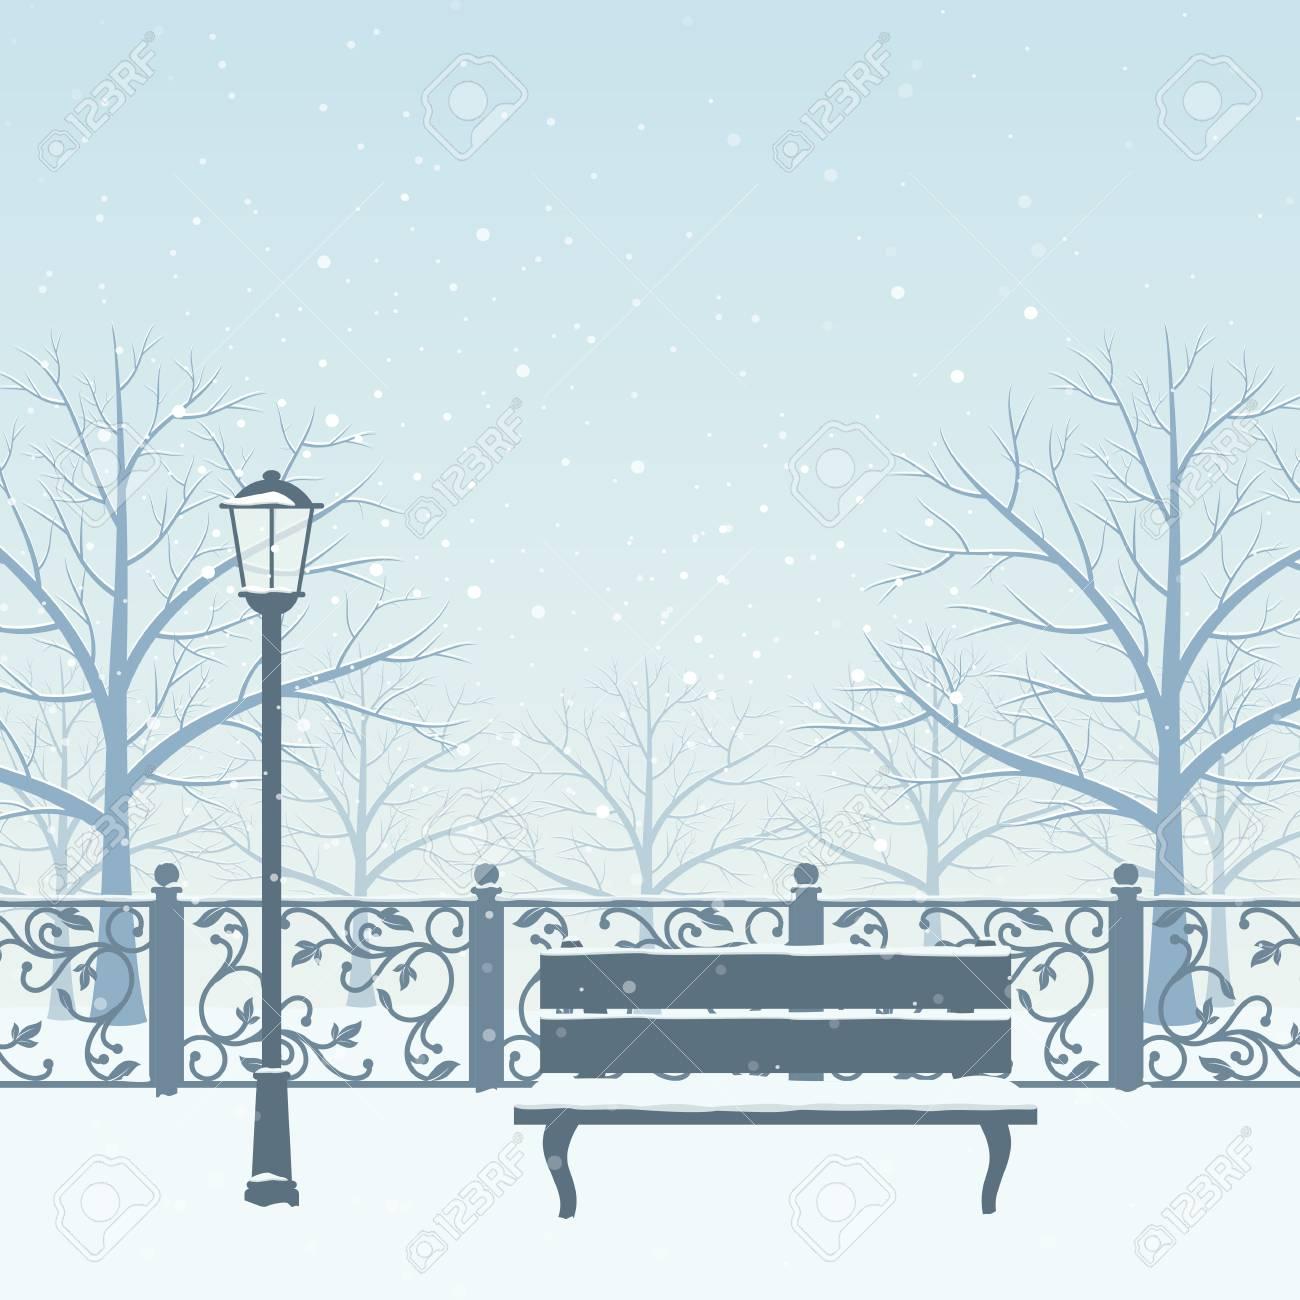 Schnee Treibt Im Winterpark. Schnee Bedeckte Bäume, Bank Und ...